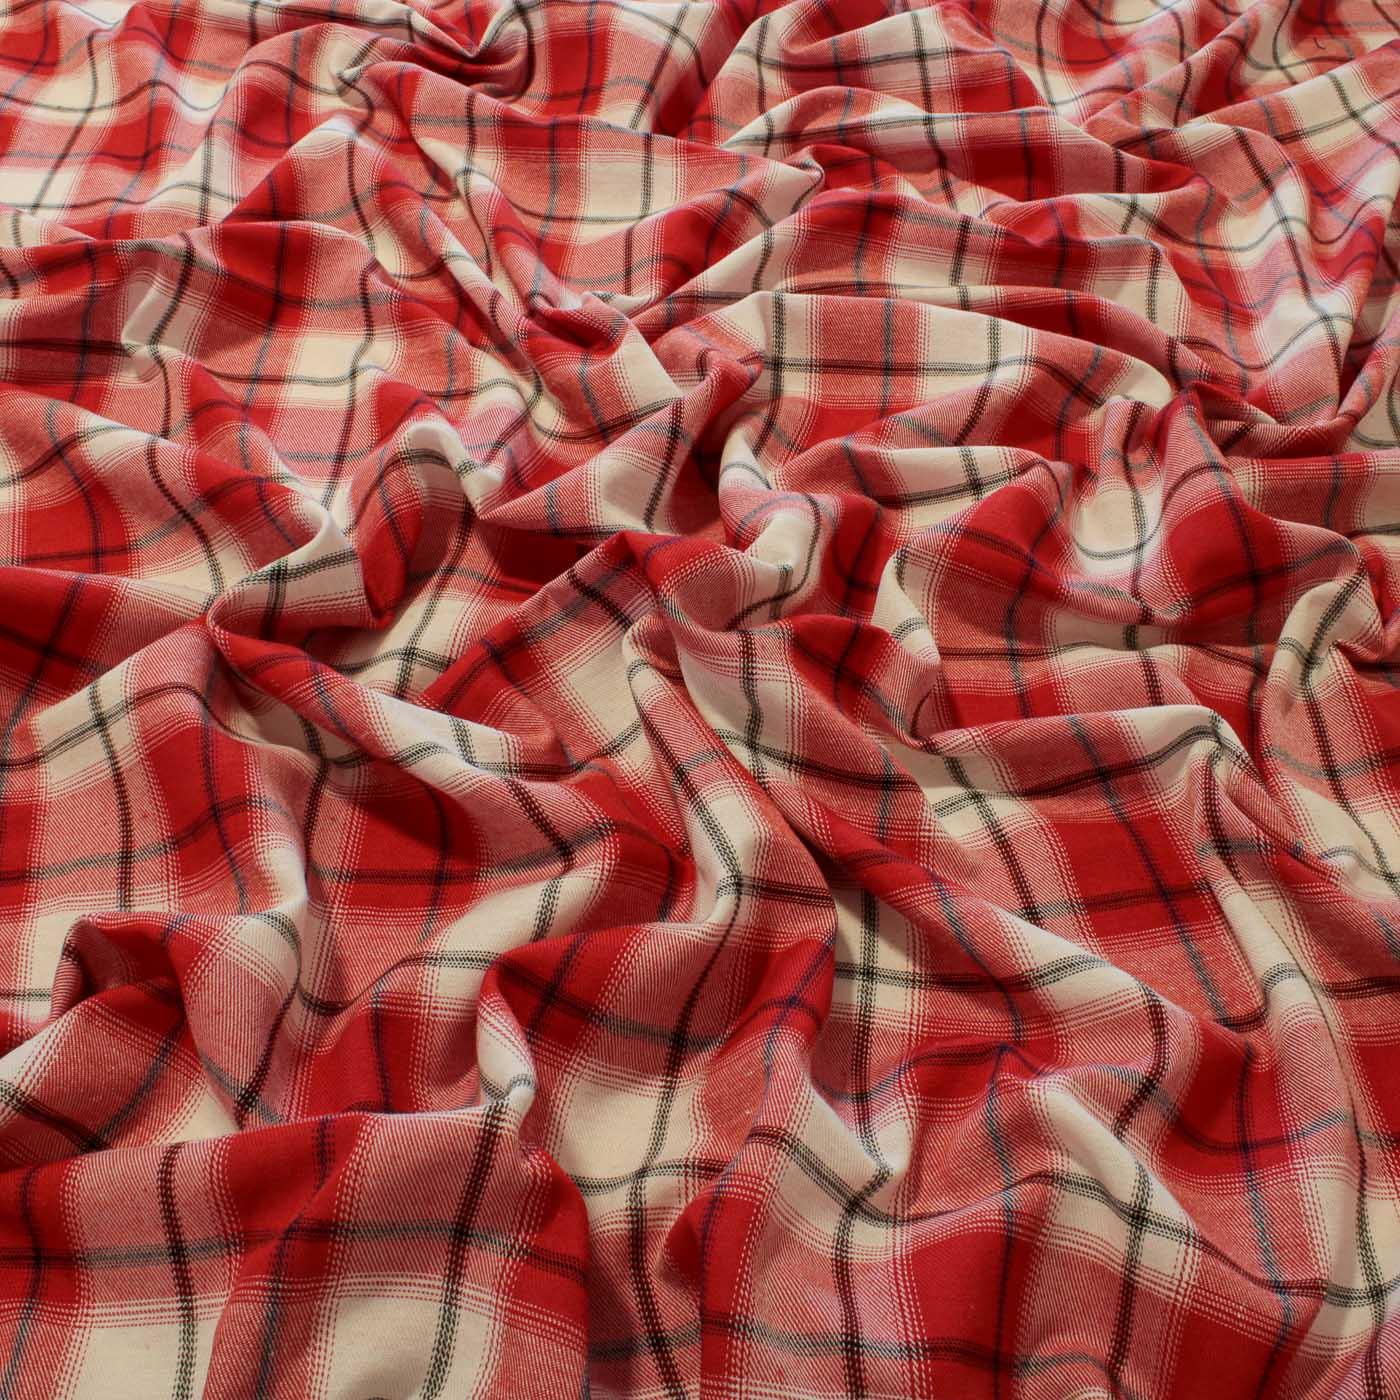 Tecido Flanela Xadrez Vermelho /Cd 50% Algodão 50% Poliéster